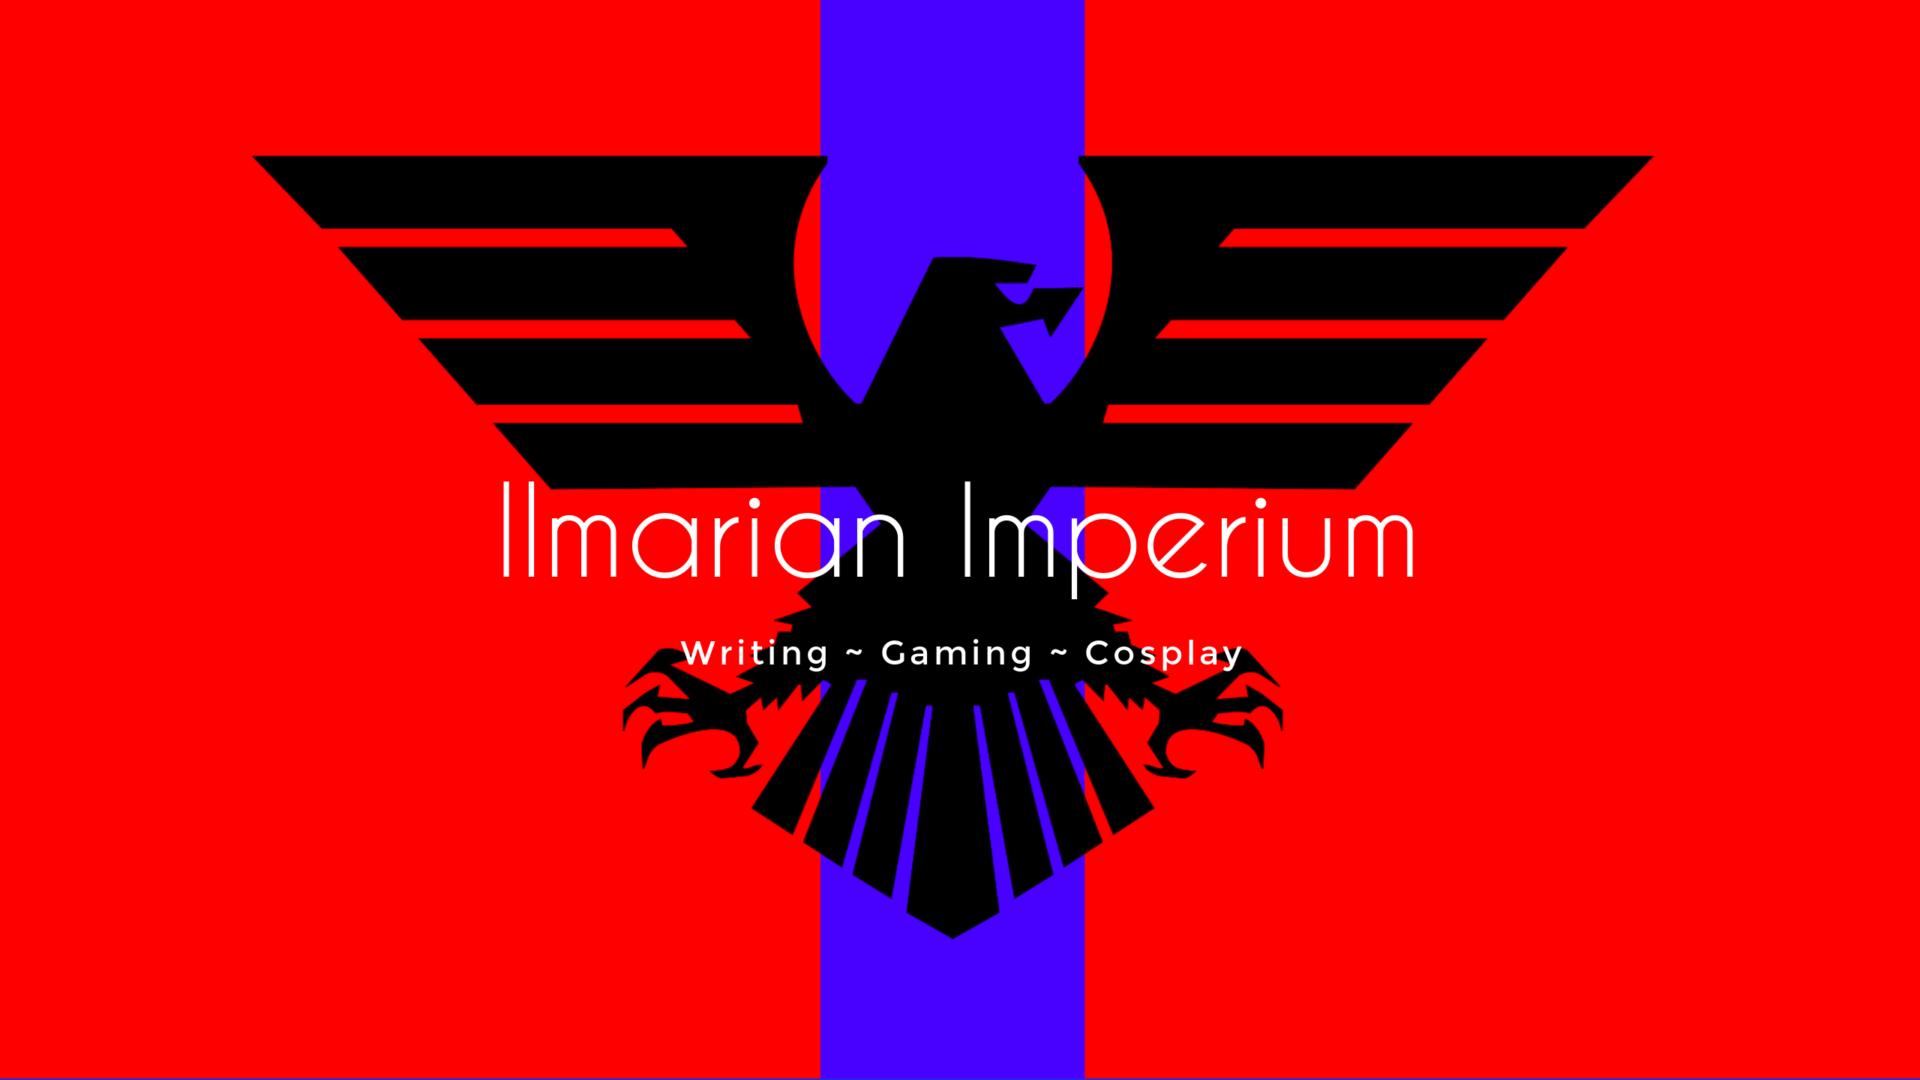 Ilmarian Imperium